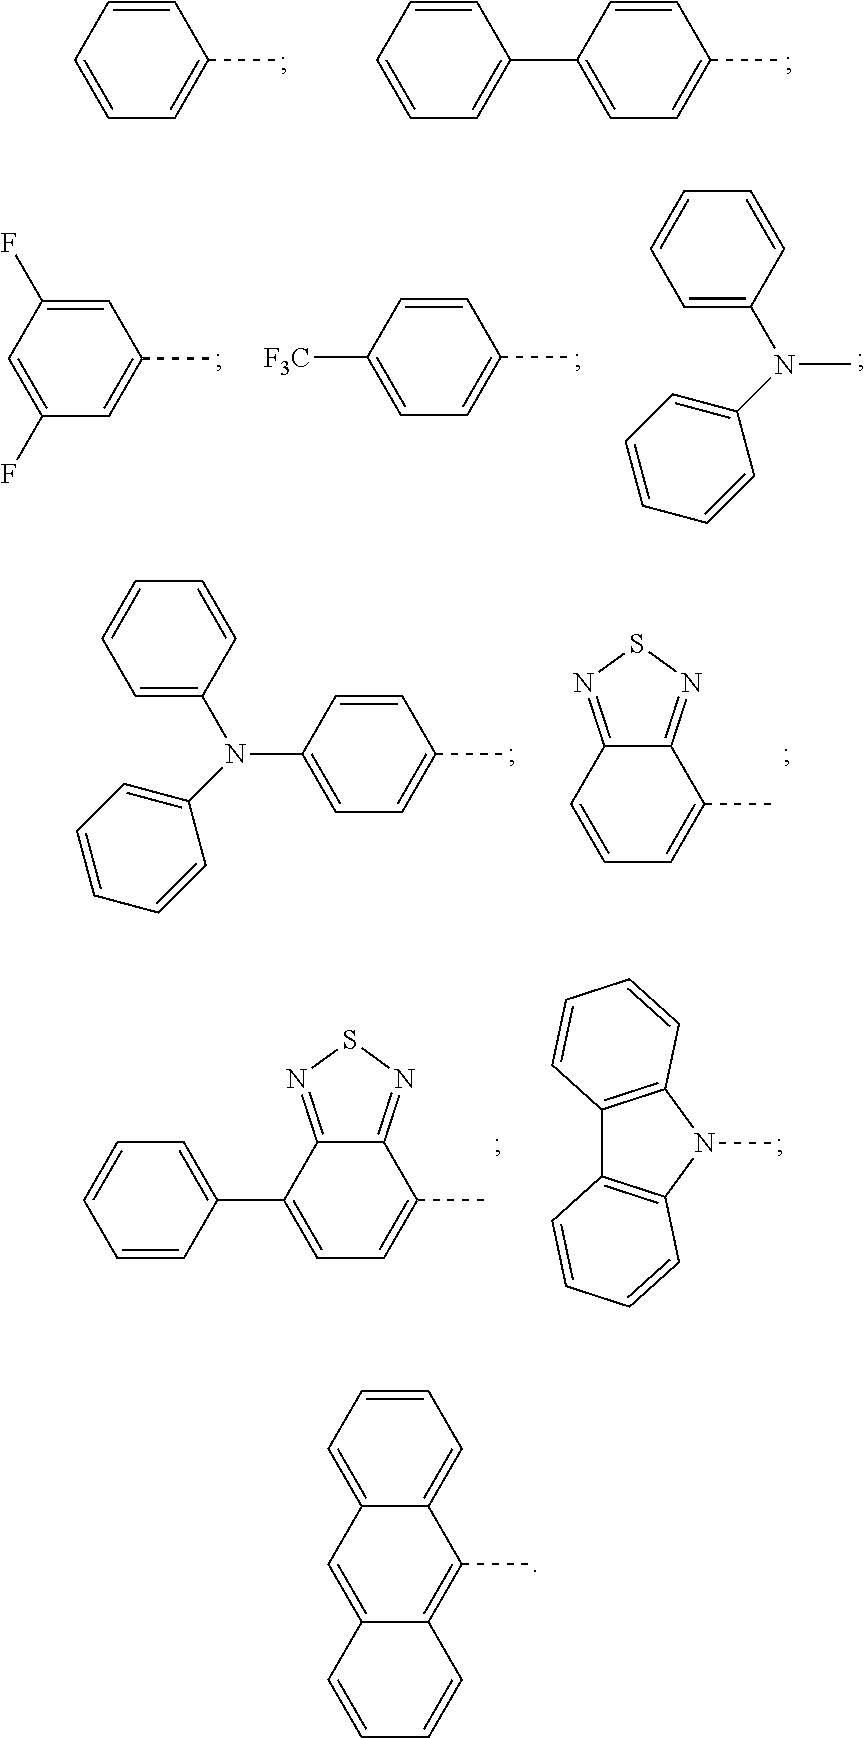 Figure US09935271-20180403-C00029